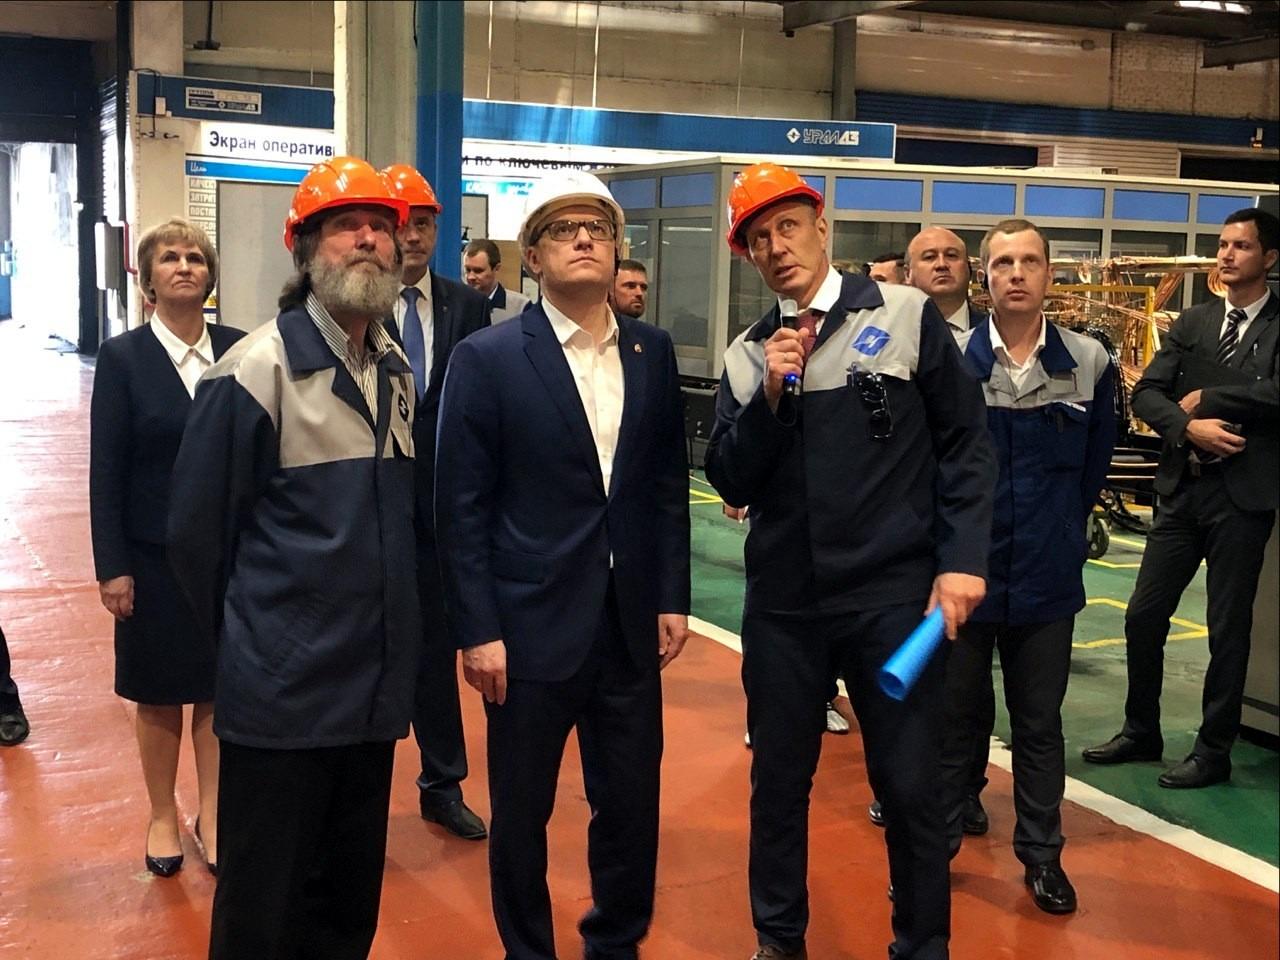 Глава Челябинской области Алексей Текслер сегодня, десятого июня, начал работу н